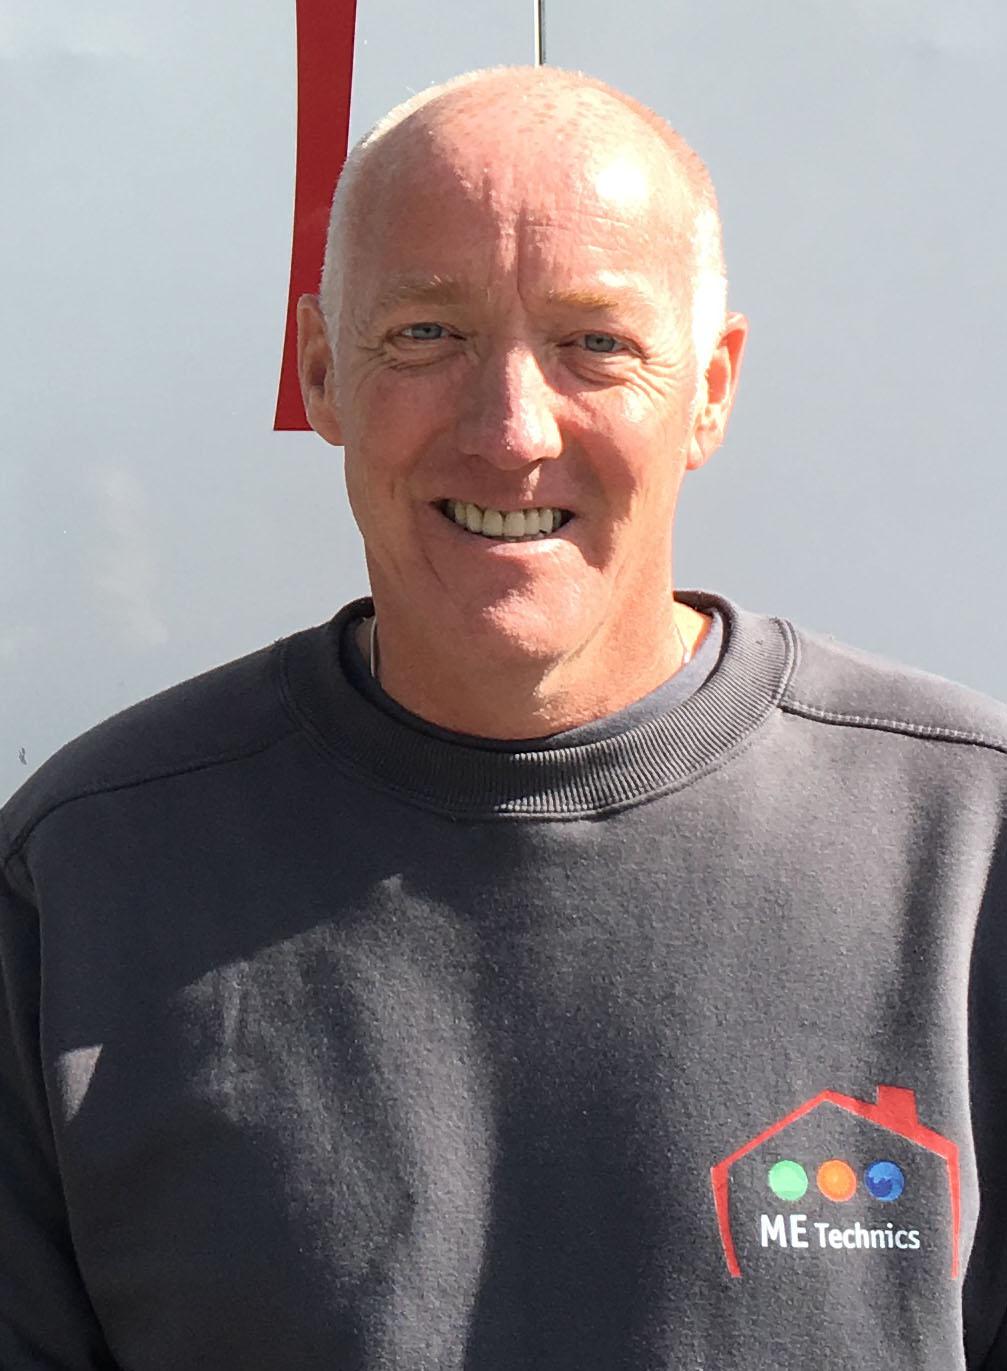 Dirk Desmedt